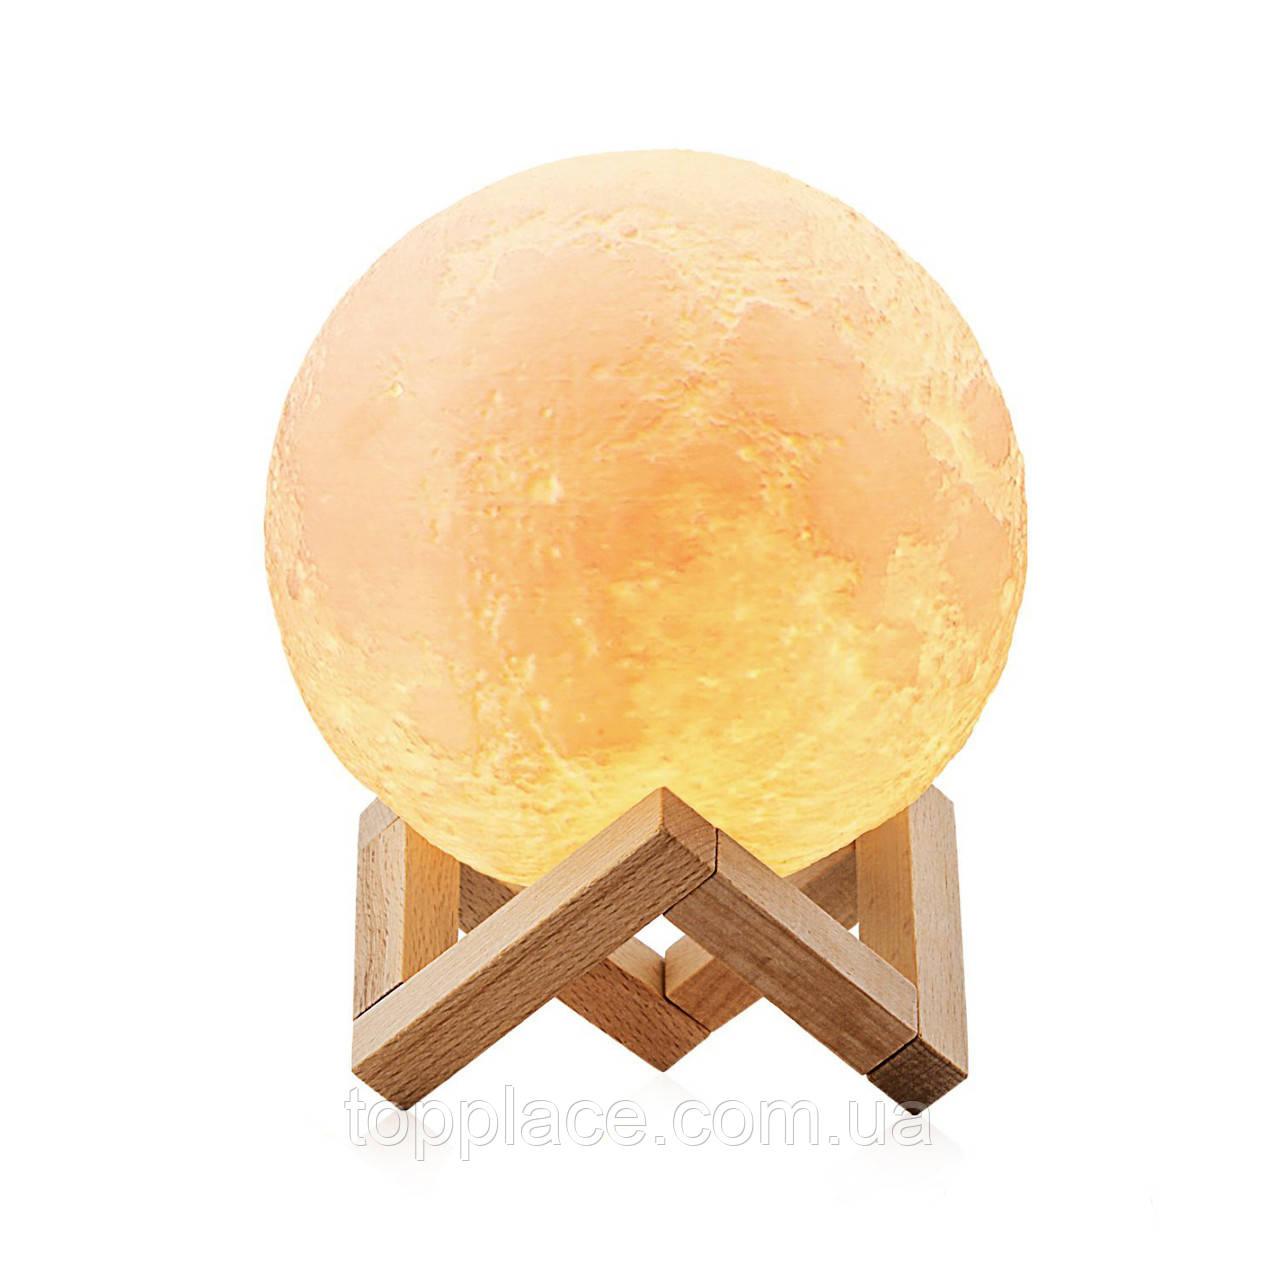 Настольный светильник 3D Moon Touch Control (D1010050032)